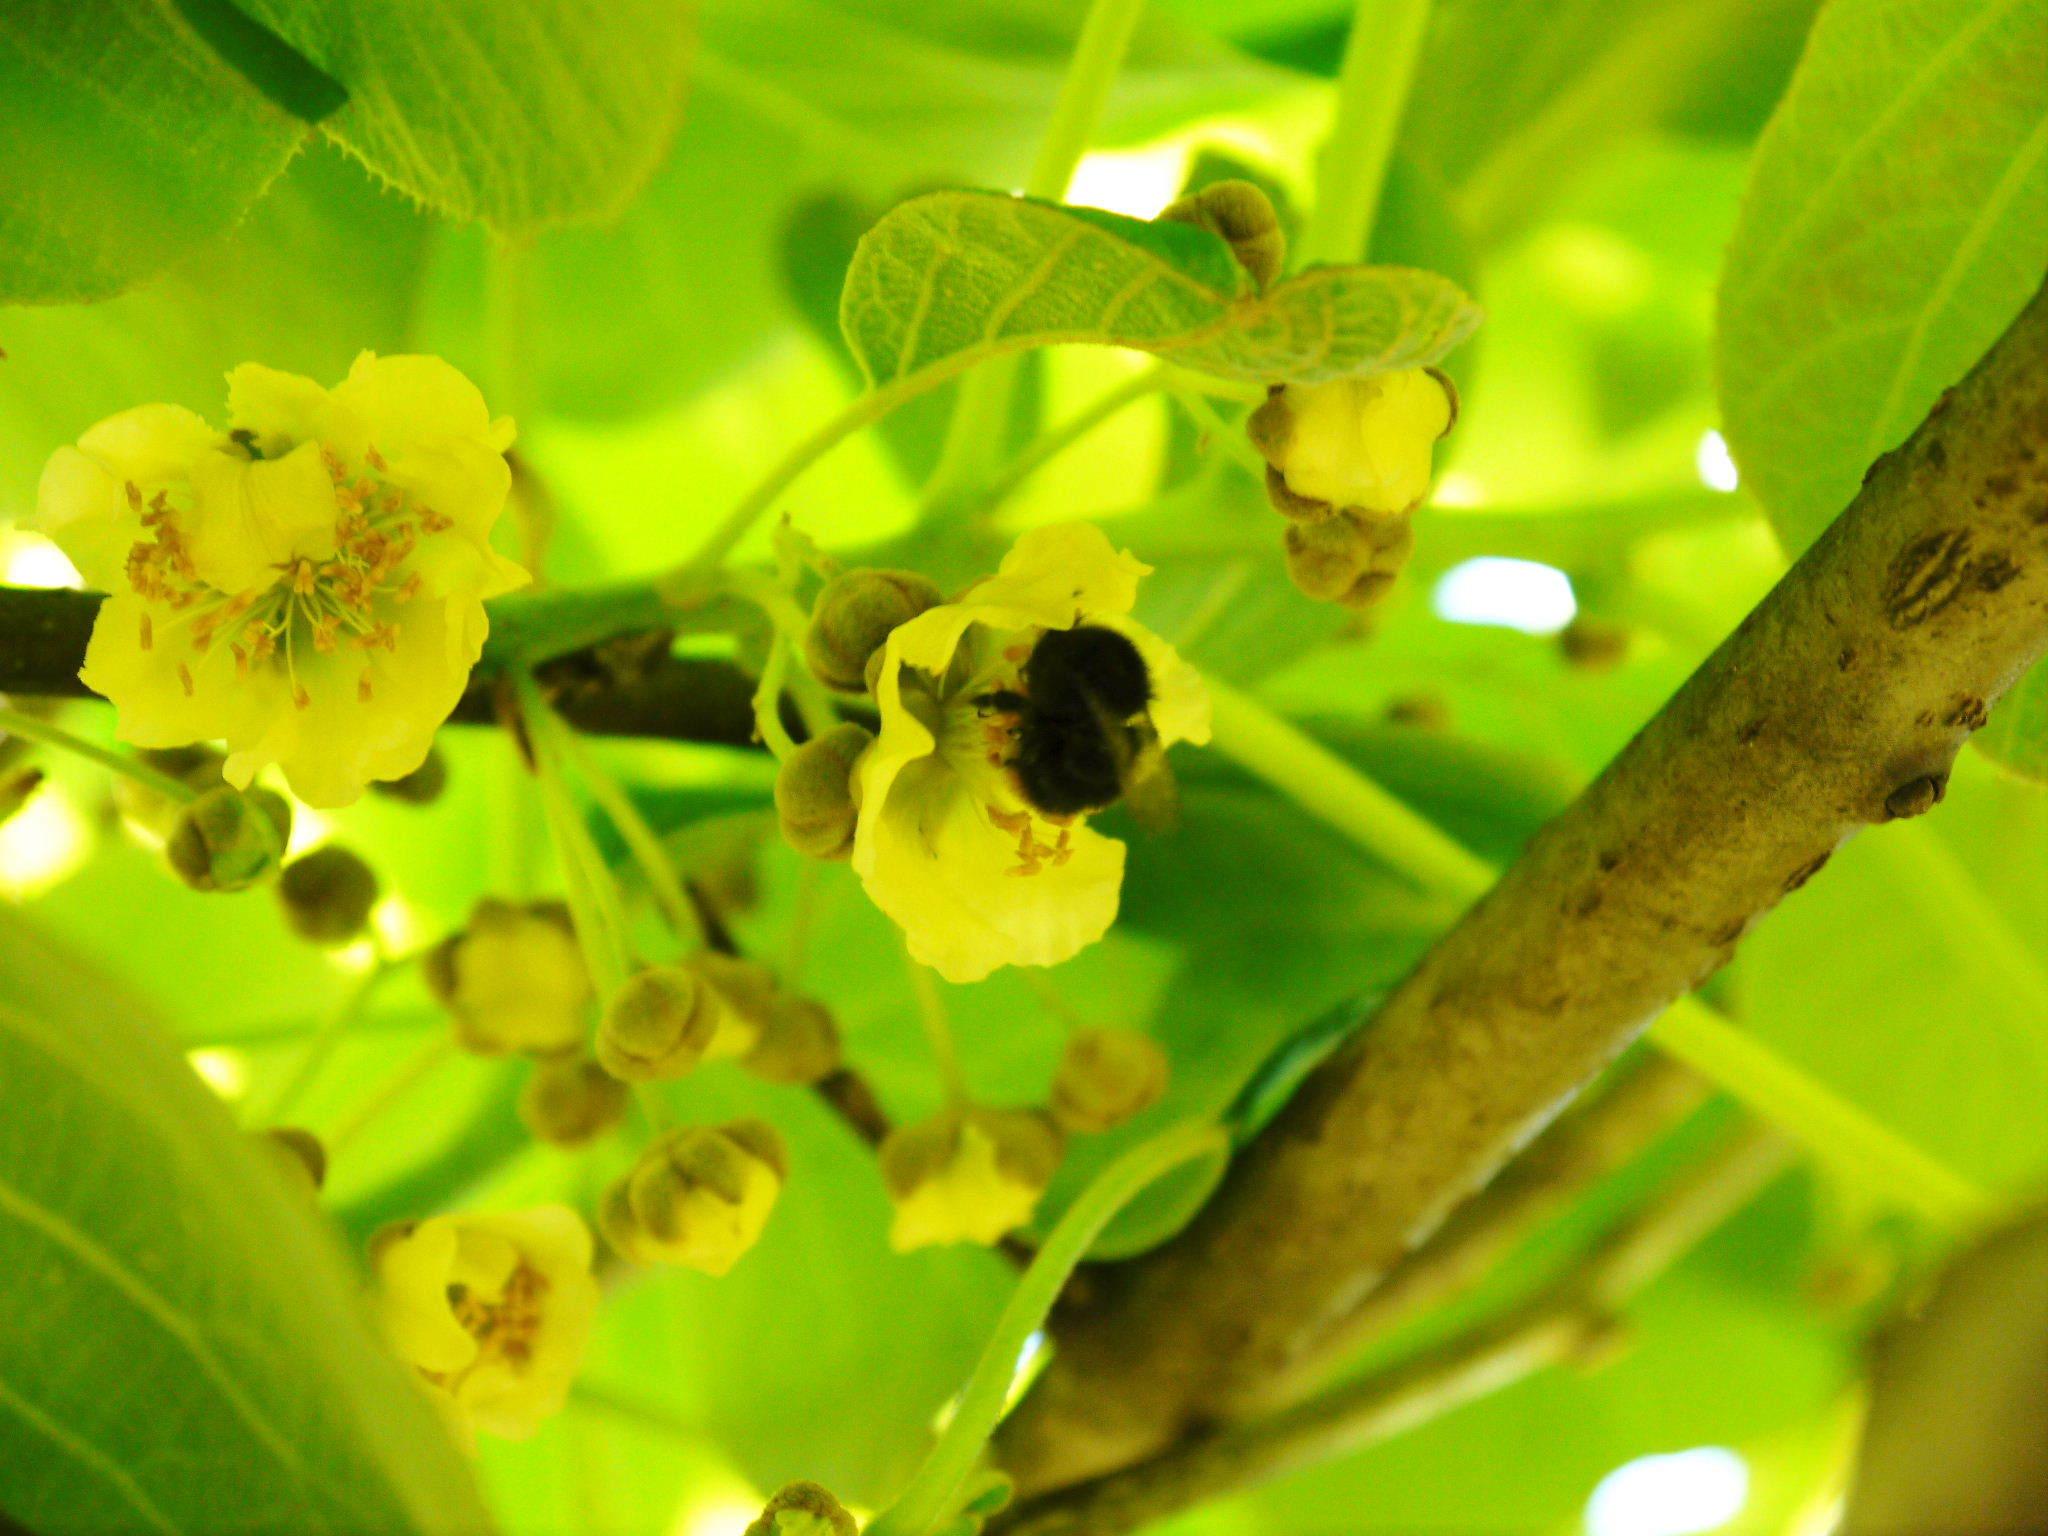 水源キウイ 2020年年も元気に開花しました!今年も完全無農薬・無化学肥料で育てます!!_a0254656_20095143.jpg